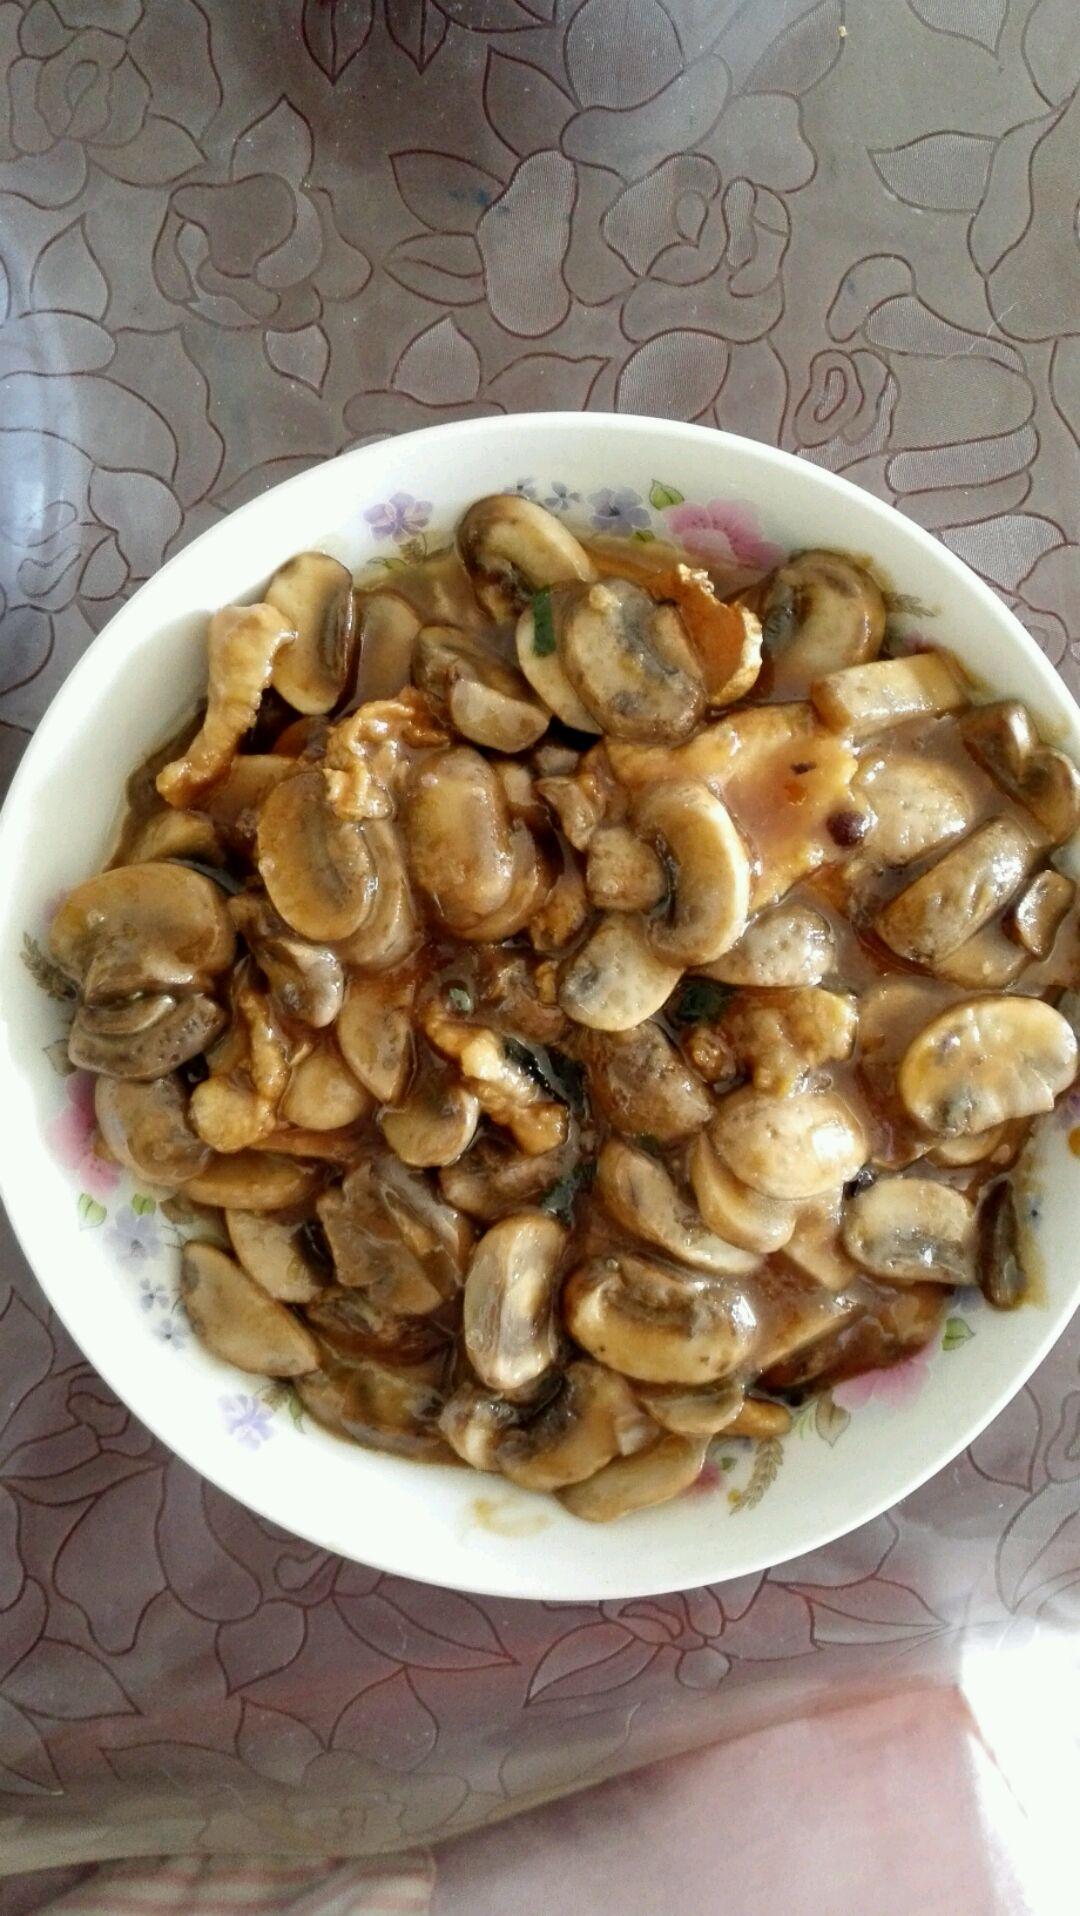 炒蘑菇的做法_【图解】炒蘑菇怎么做如何做好吃_炒_颖